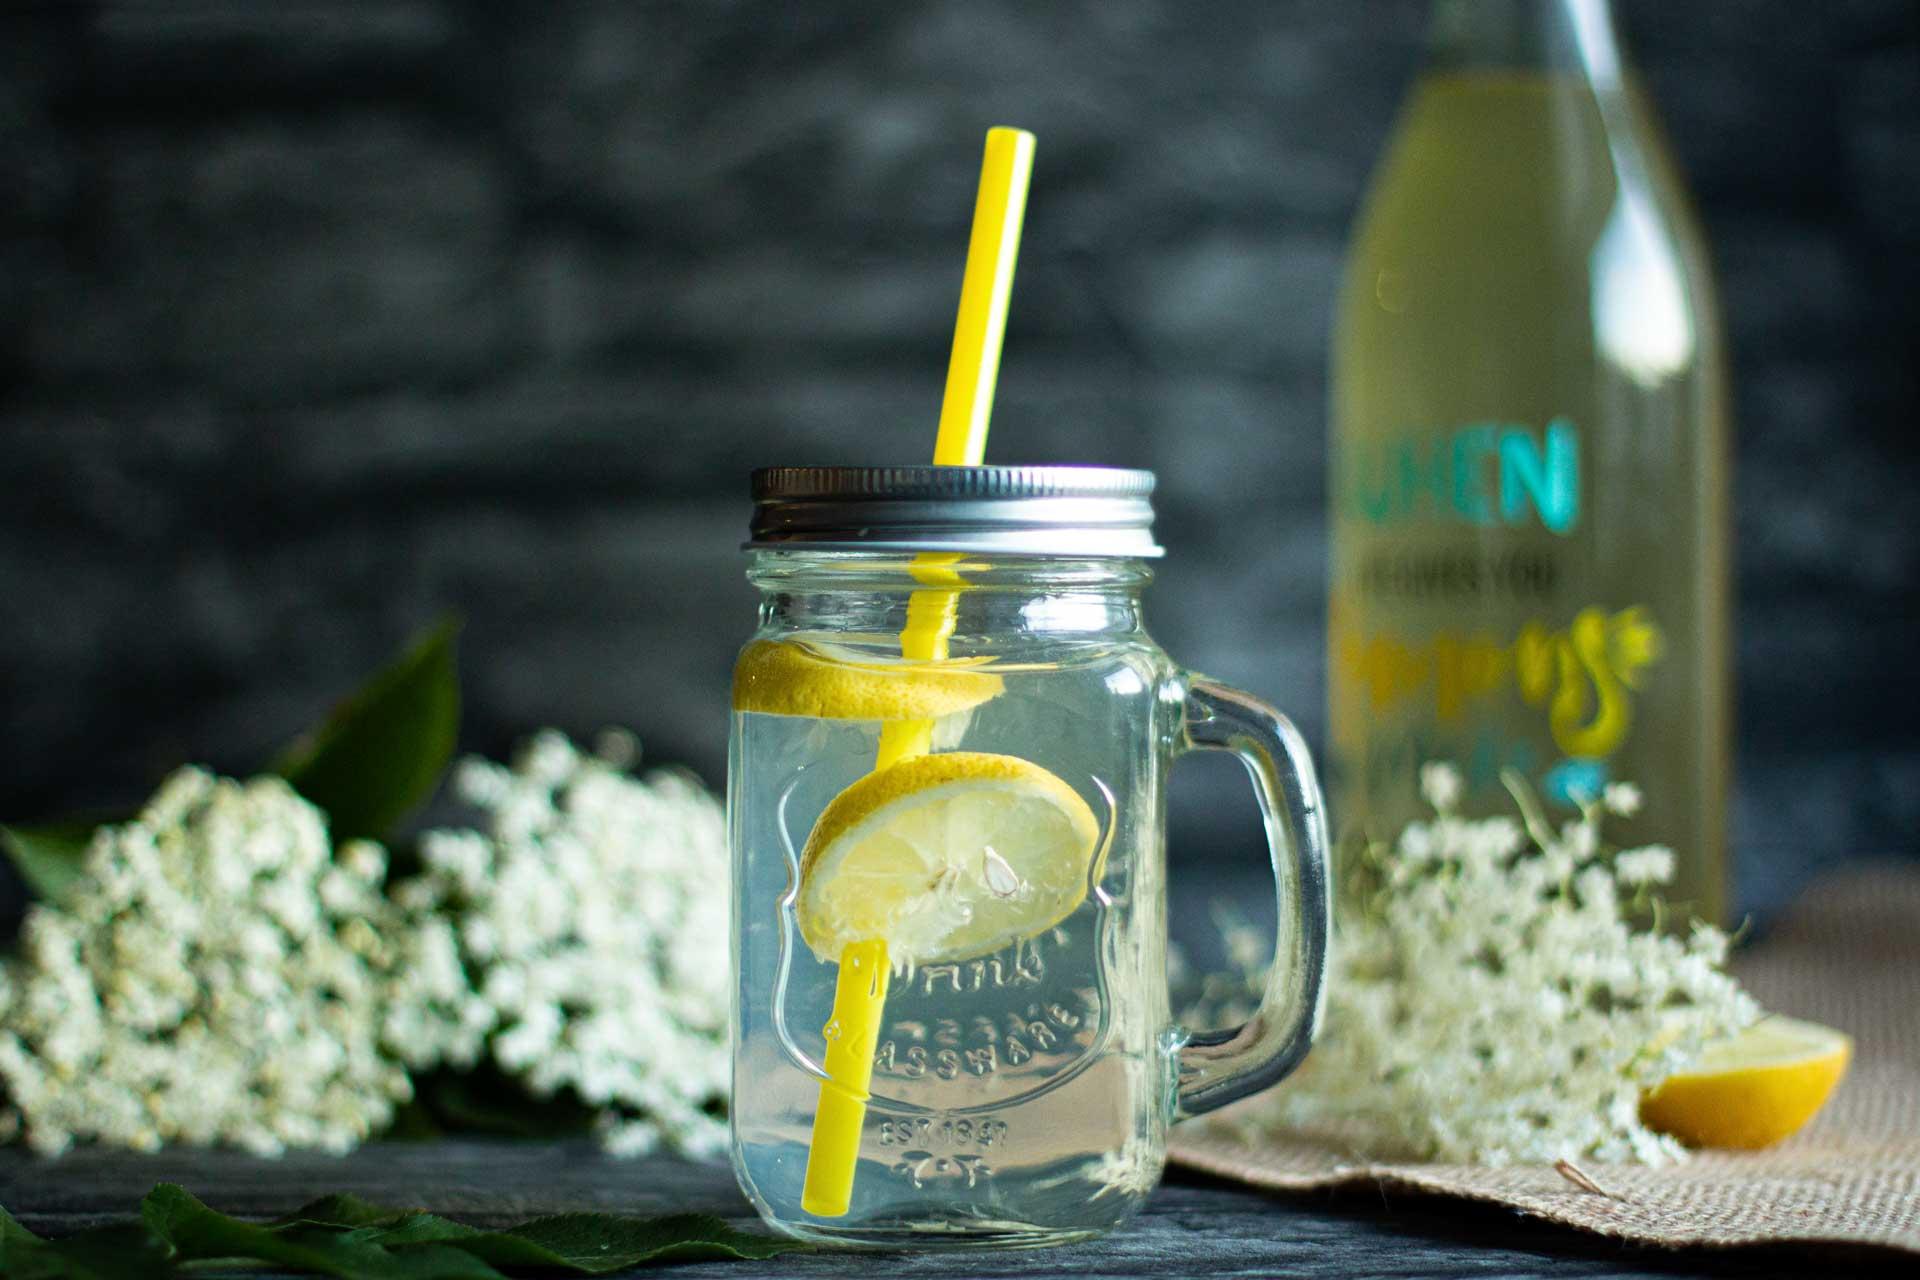 Glas mit Holunderblütensirup, Zitronen, Sirupflasche, frische Zitronen auf Juteband